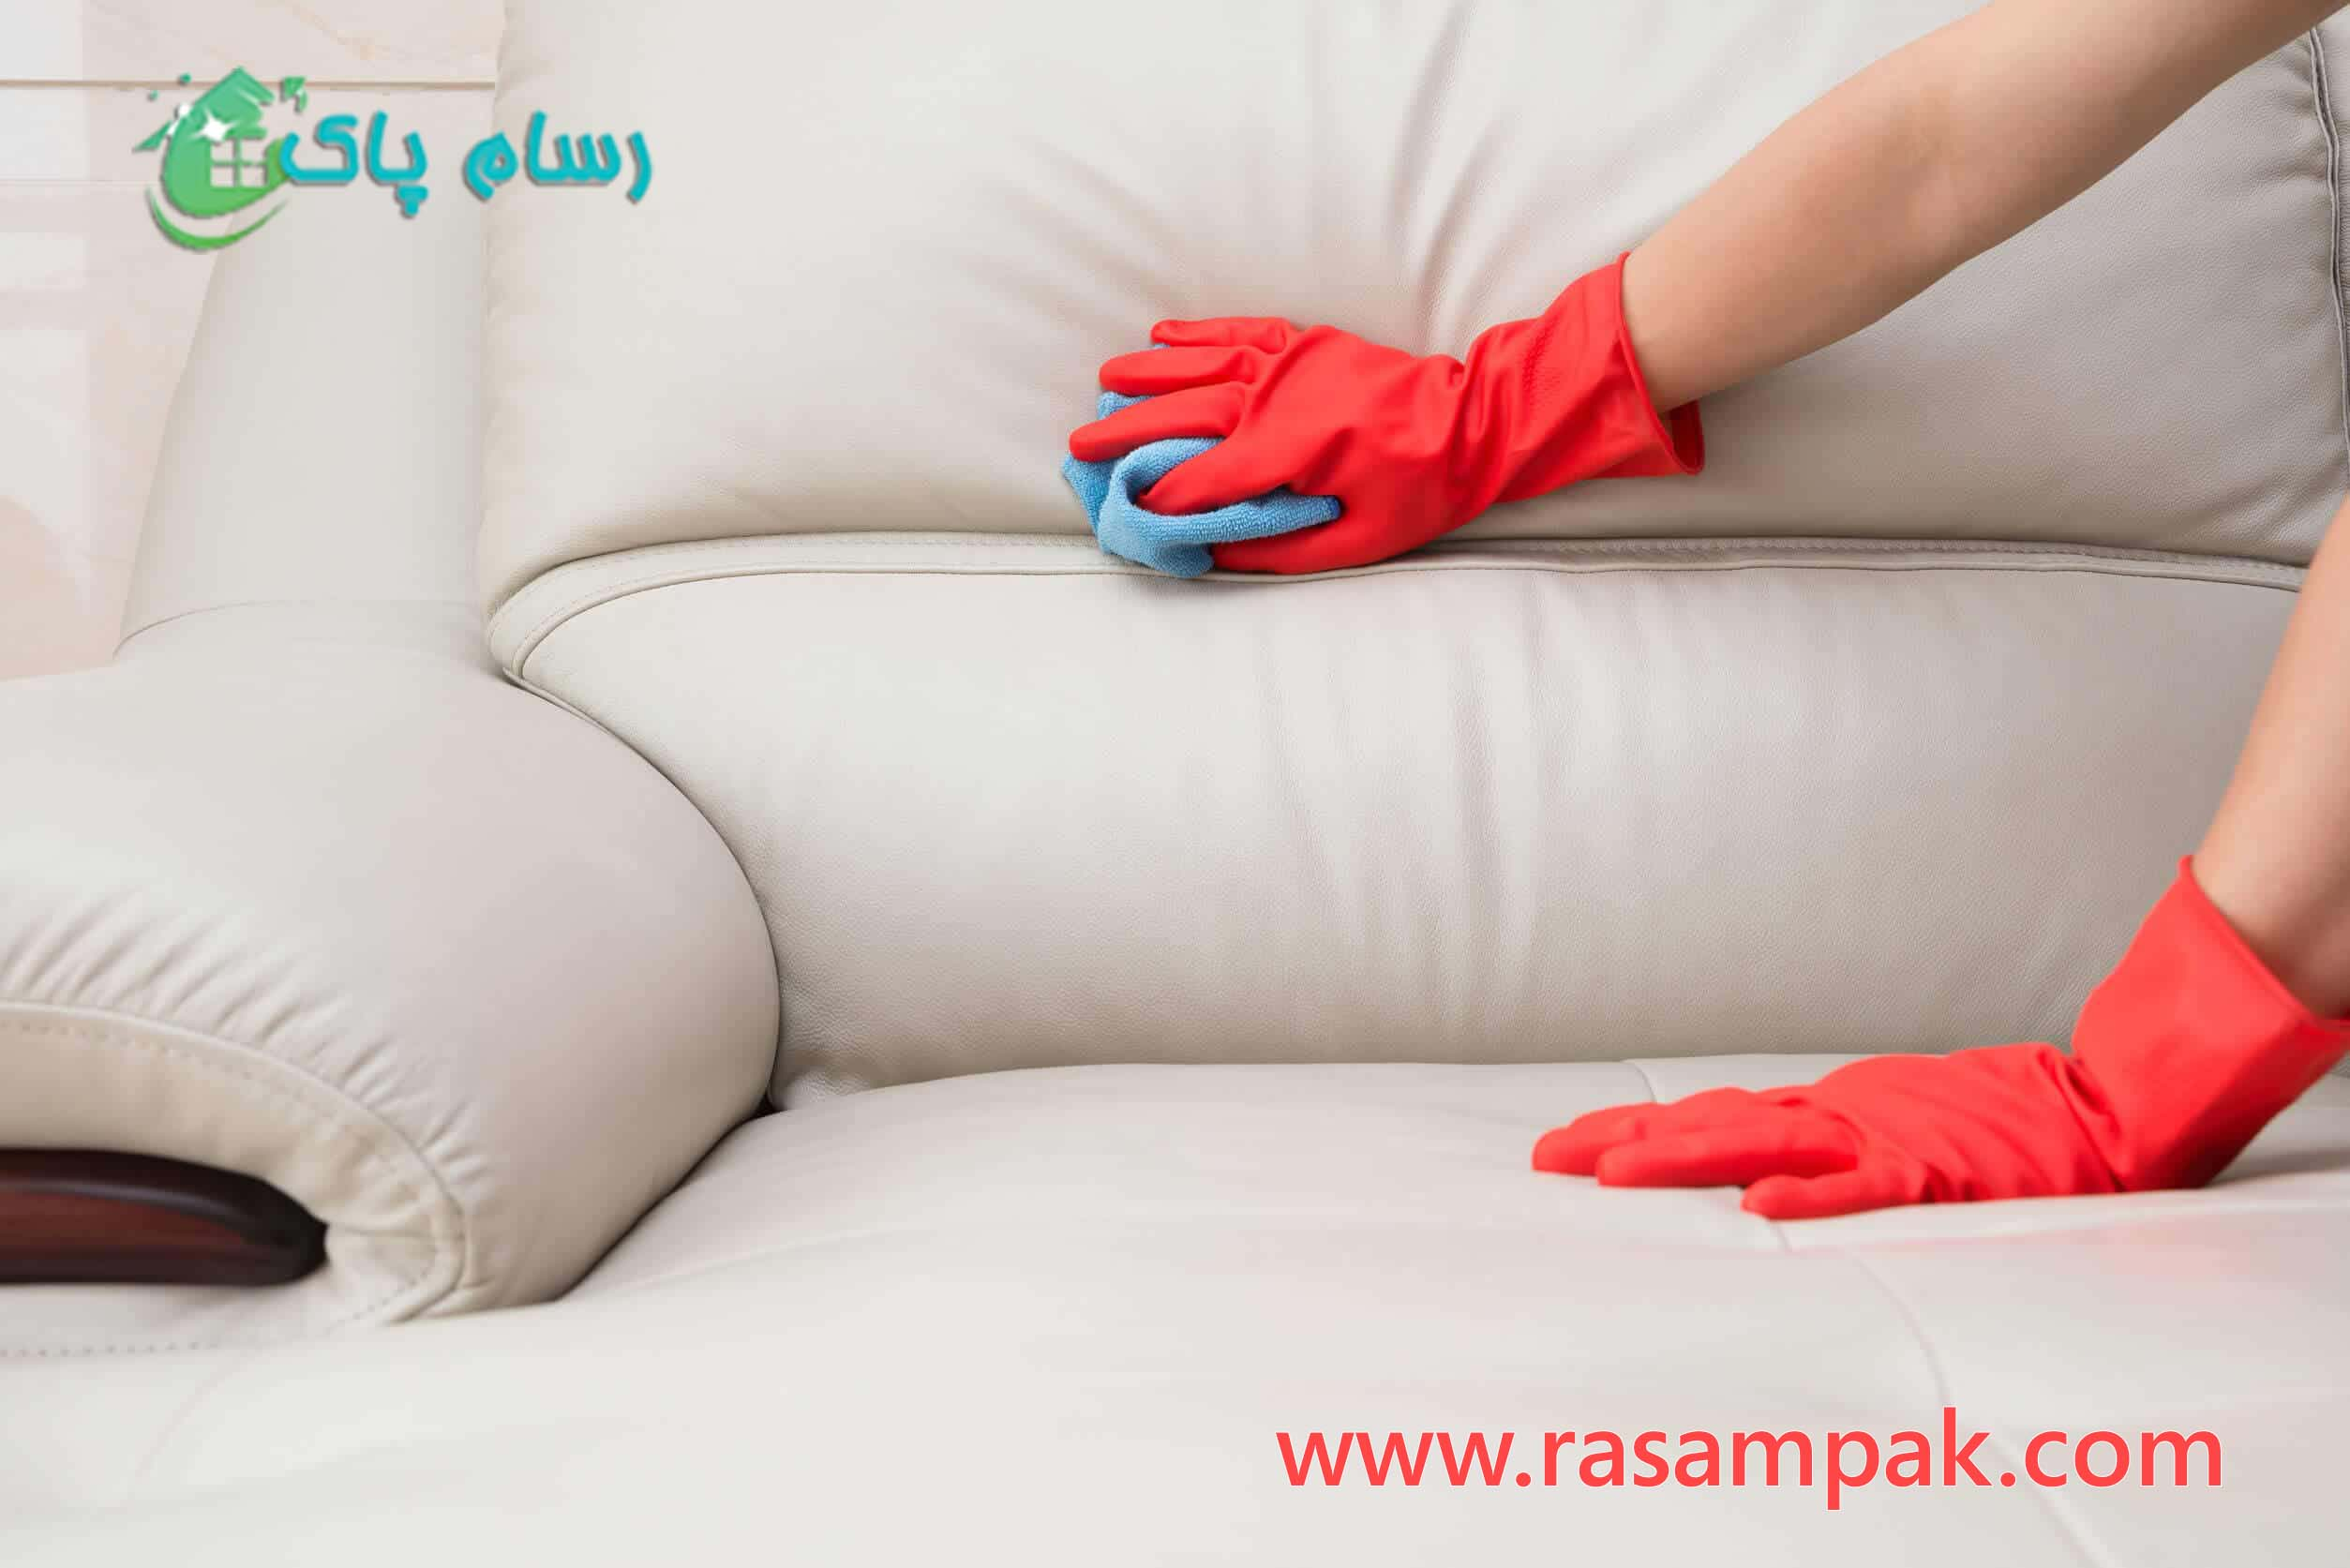 شرکت نظافتی رسام پاک خدمات مبل شویی خدمات نظافت ادارات